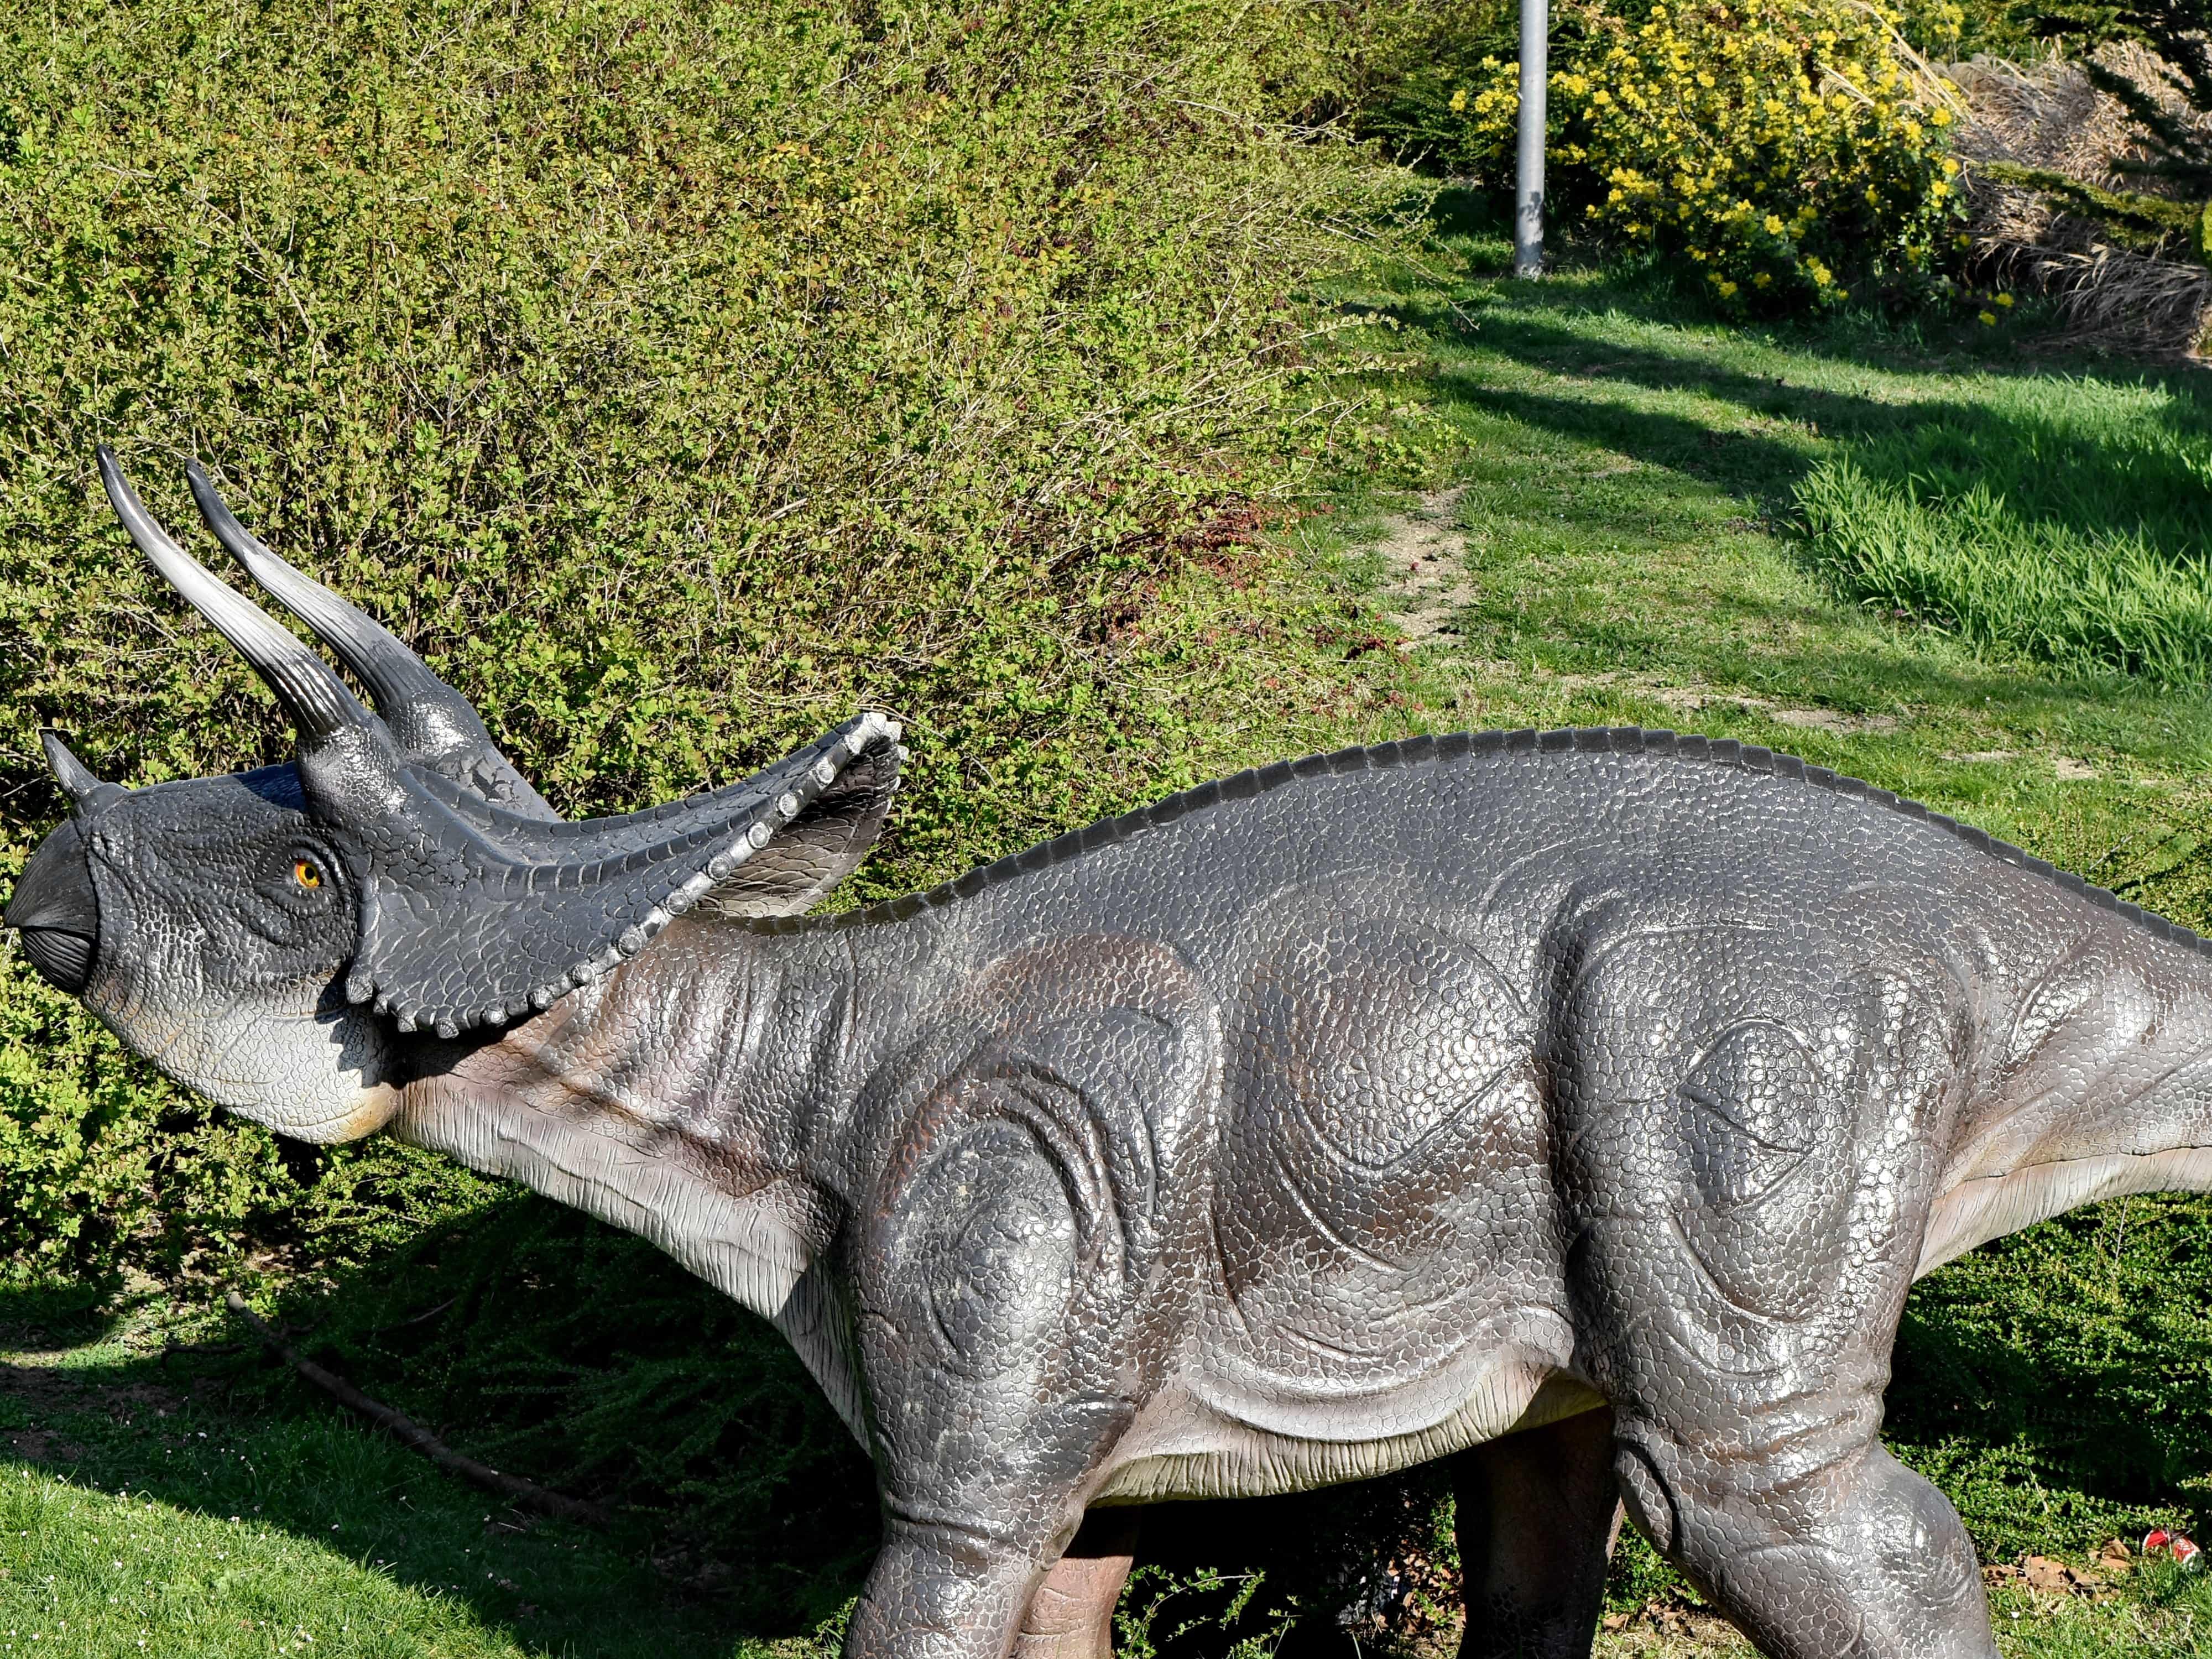 Картинки динозавров мир юрского периода эволюция декоративная собачка